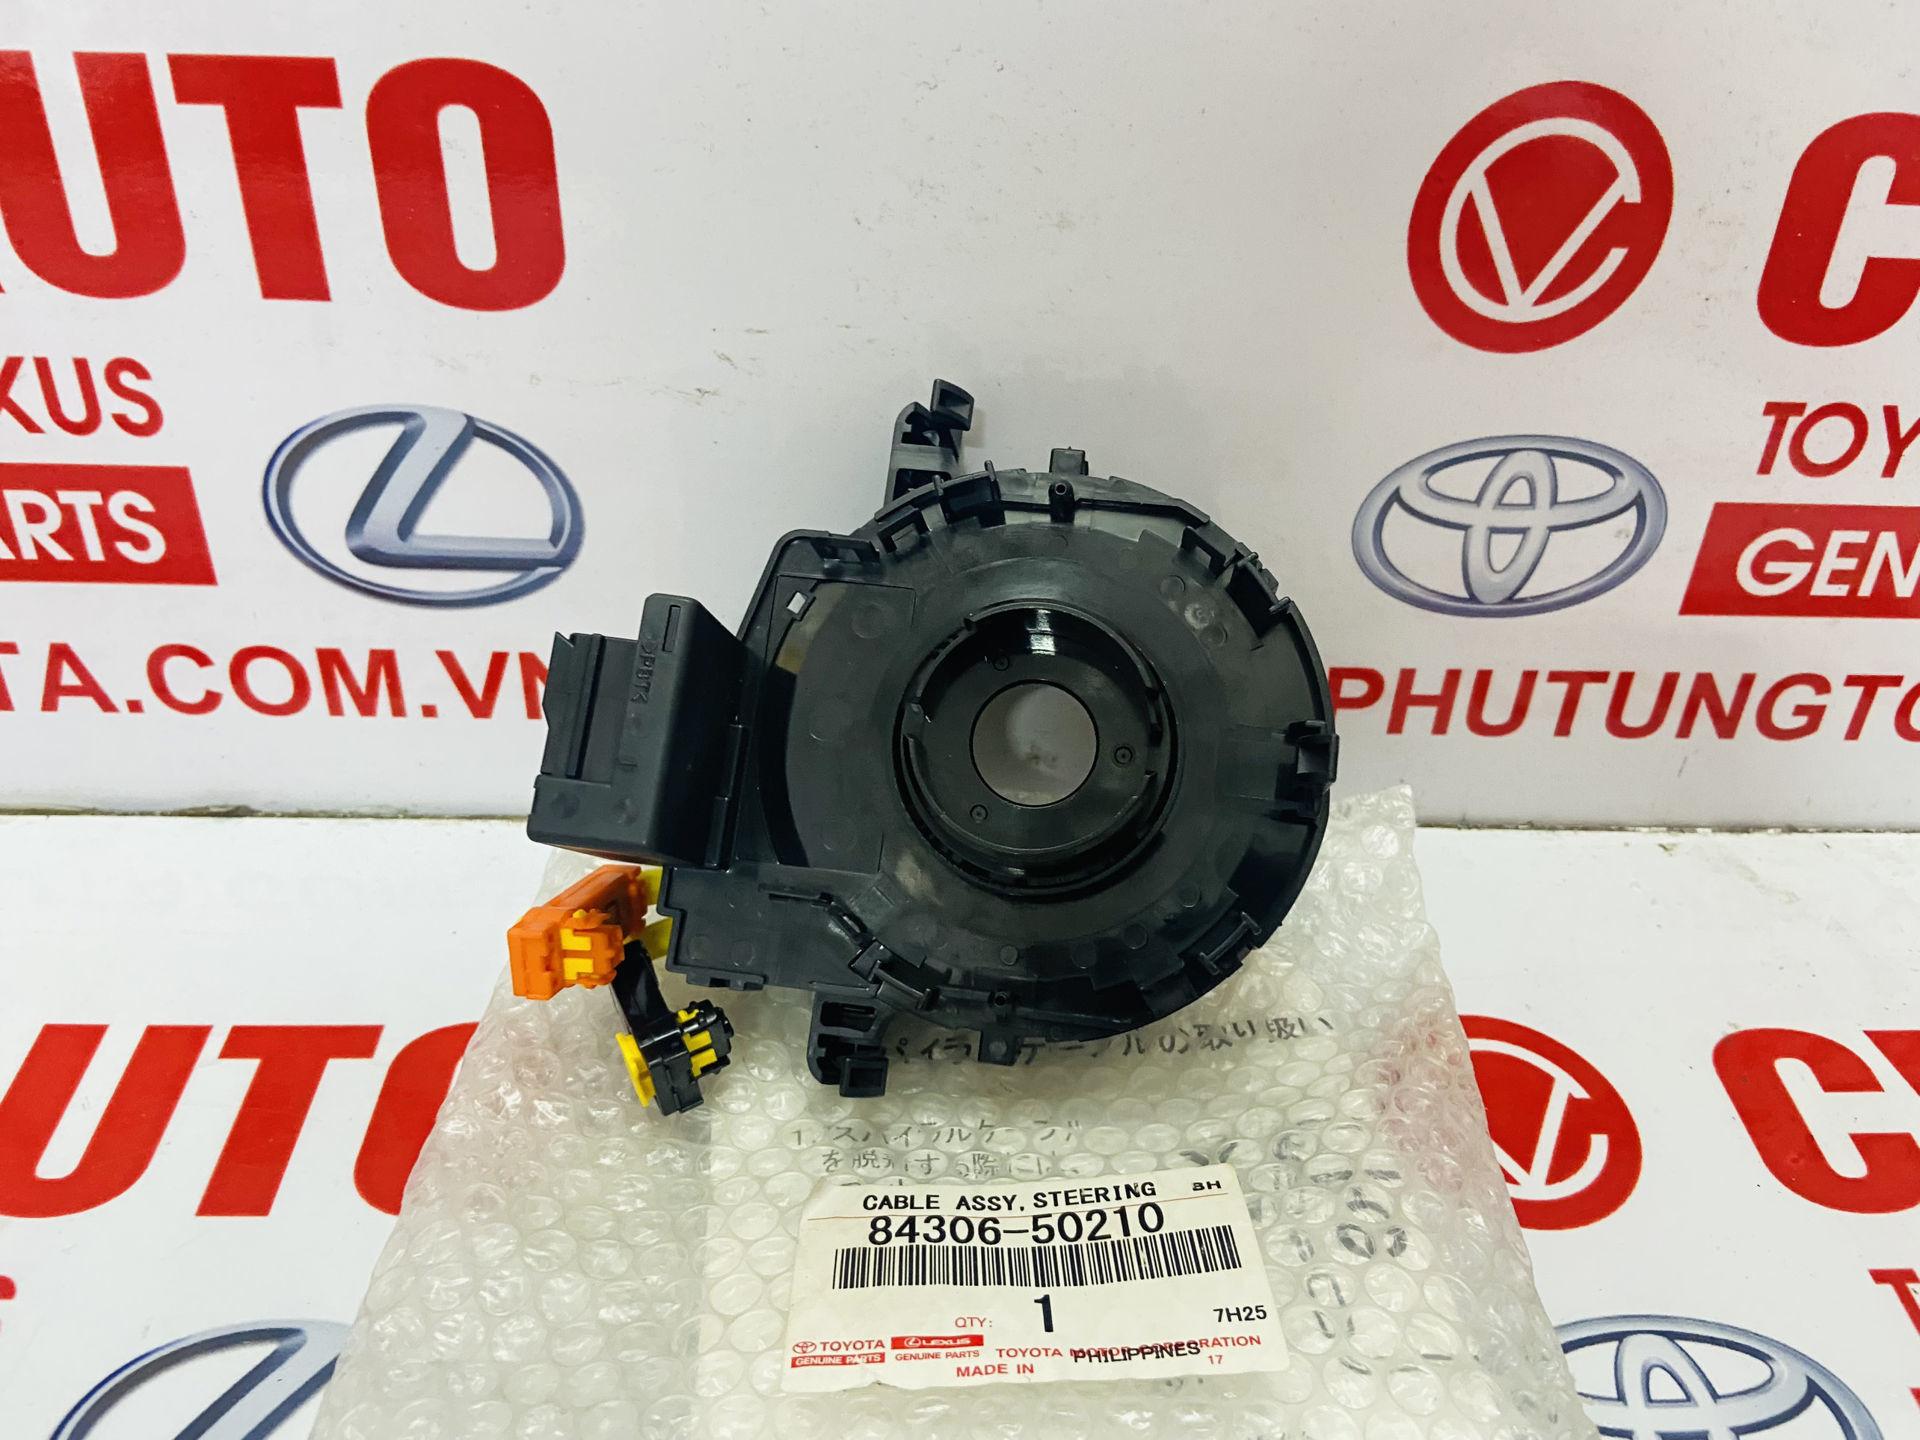 Picture of 8430650210 84306-50210 Cáp còi Lexus LX570 Lexus LS600 Chính hãng